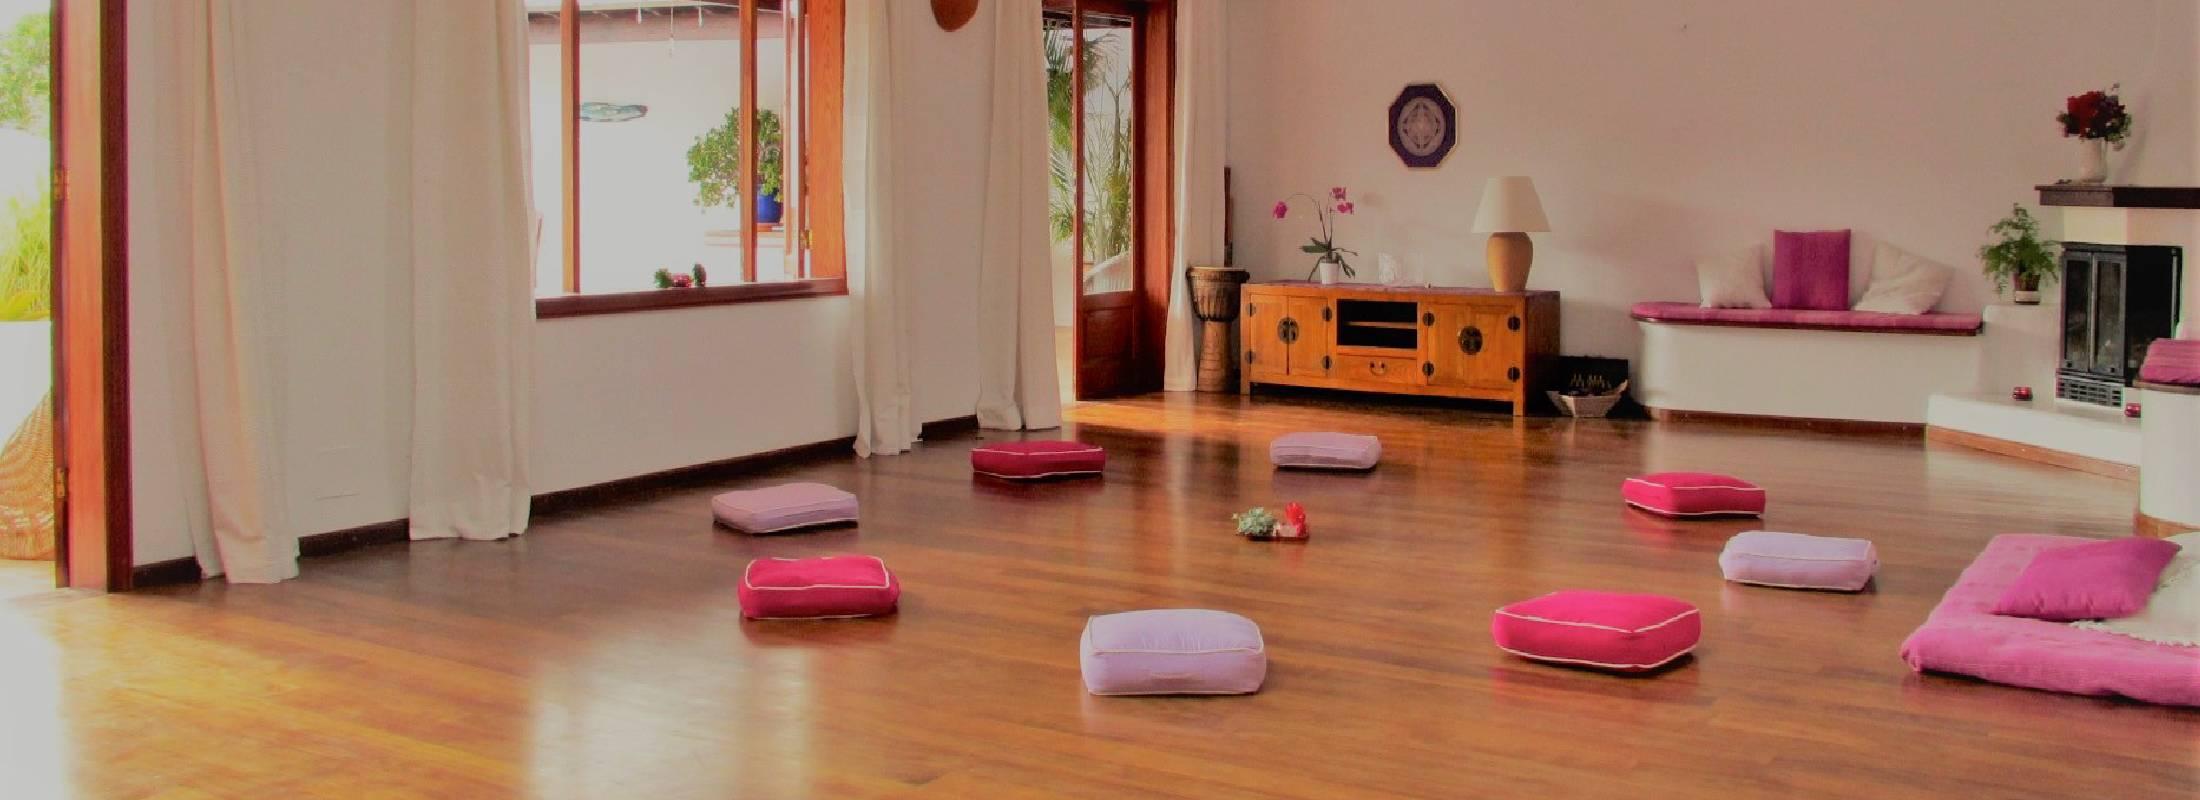 Sala de yoga en Lanzarote en el retiro de yoga y danza en la playa